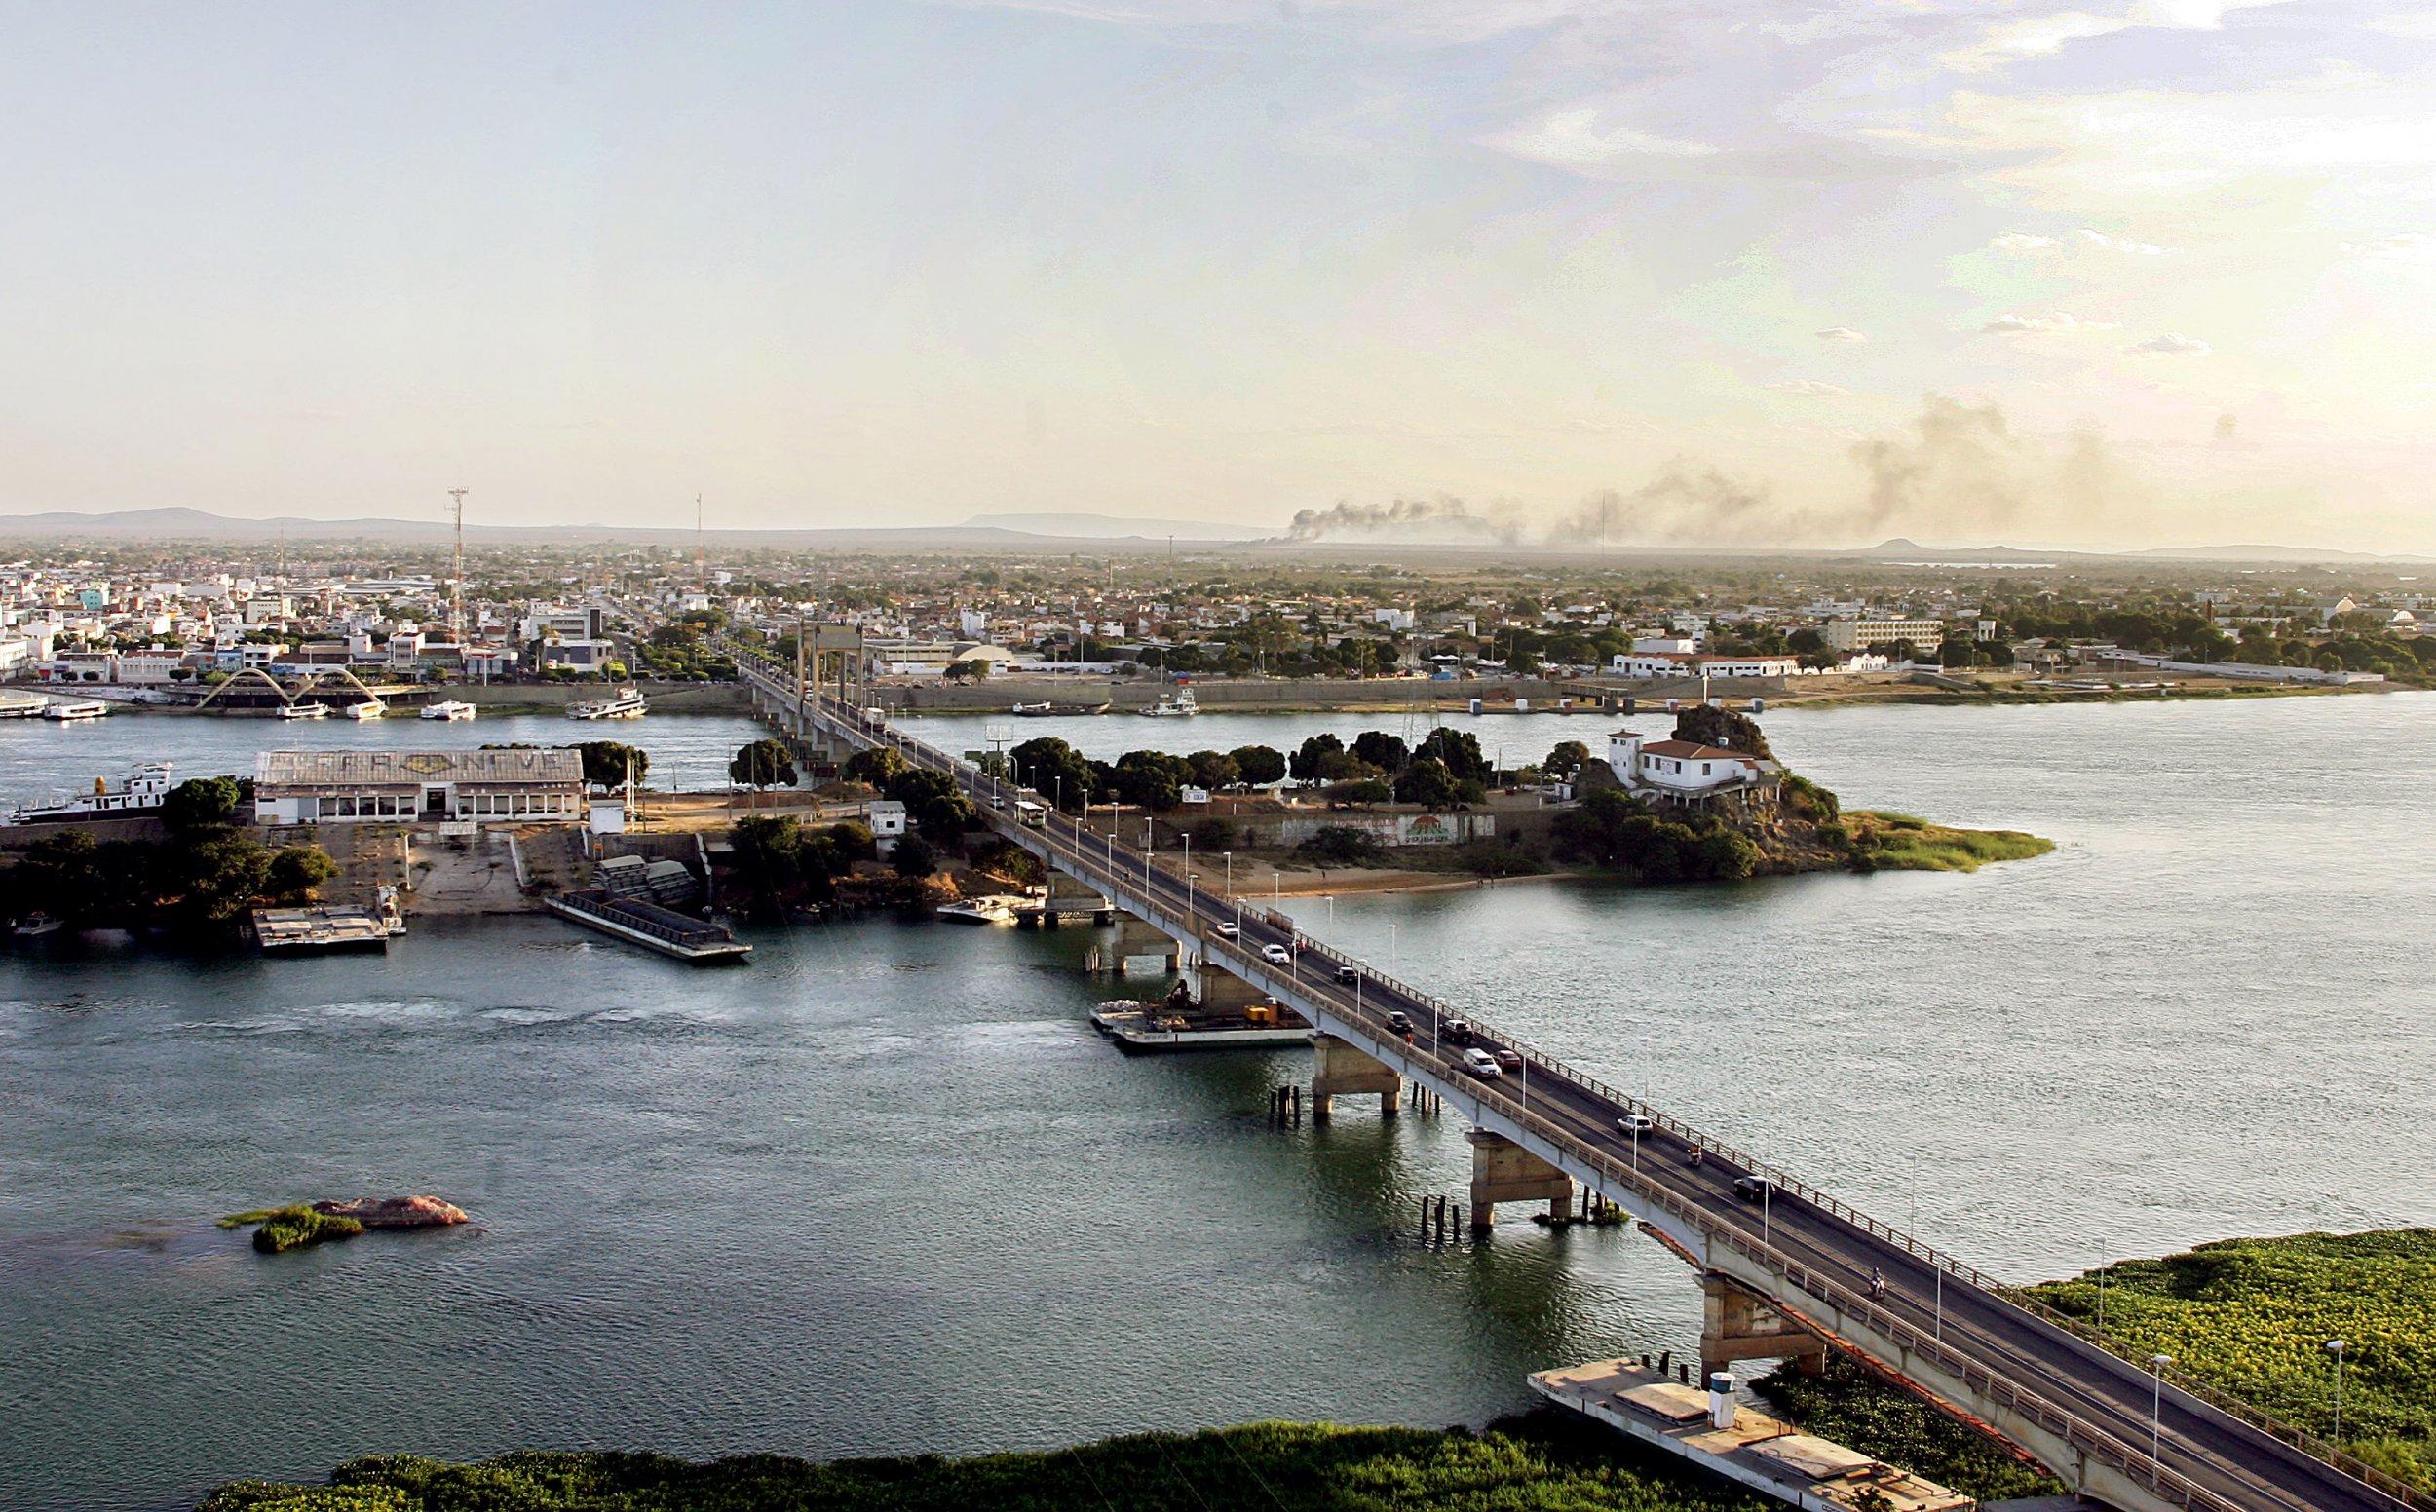 Sao Francisco river